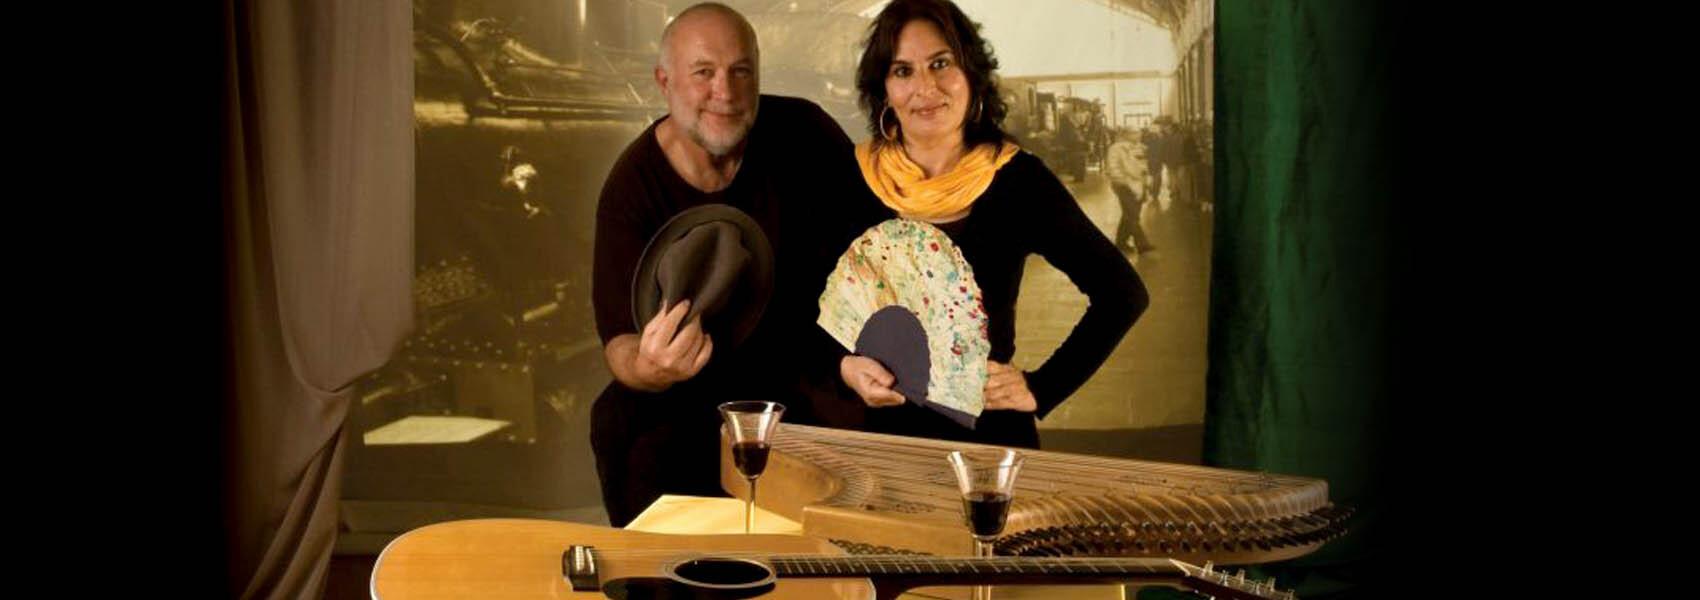 Begoña Olavide y Javier Bergia en concierto presentando Burlesco